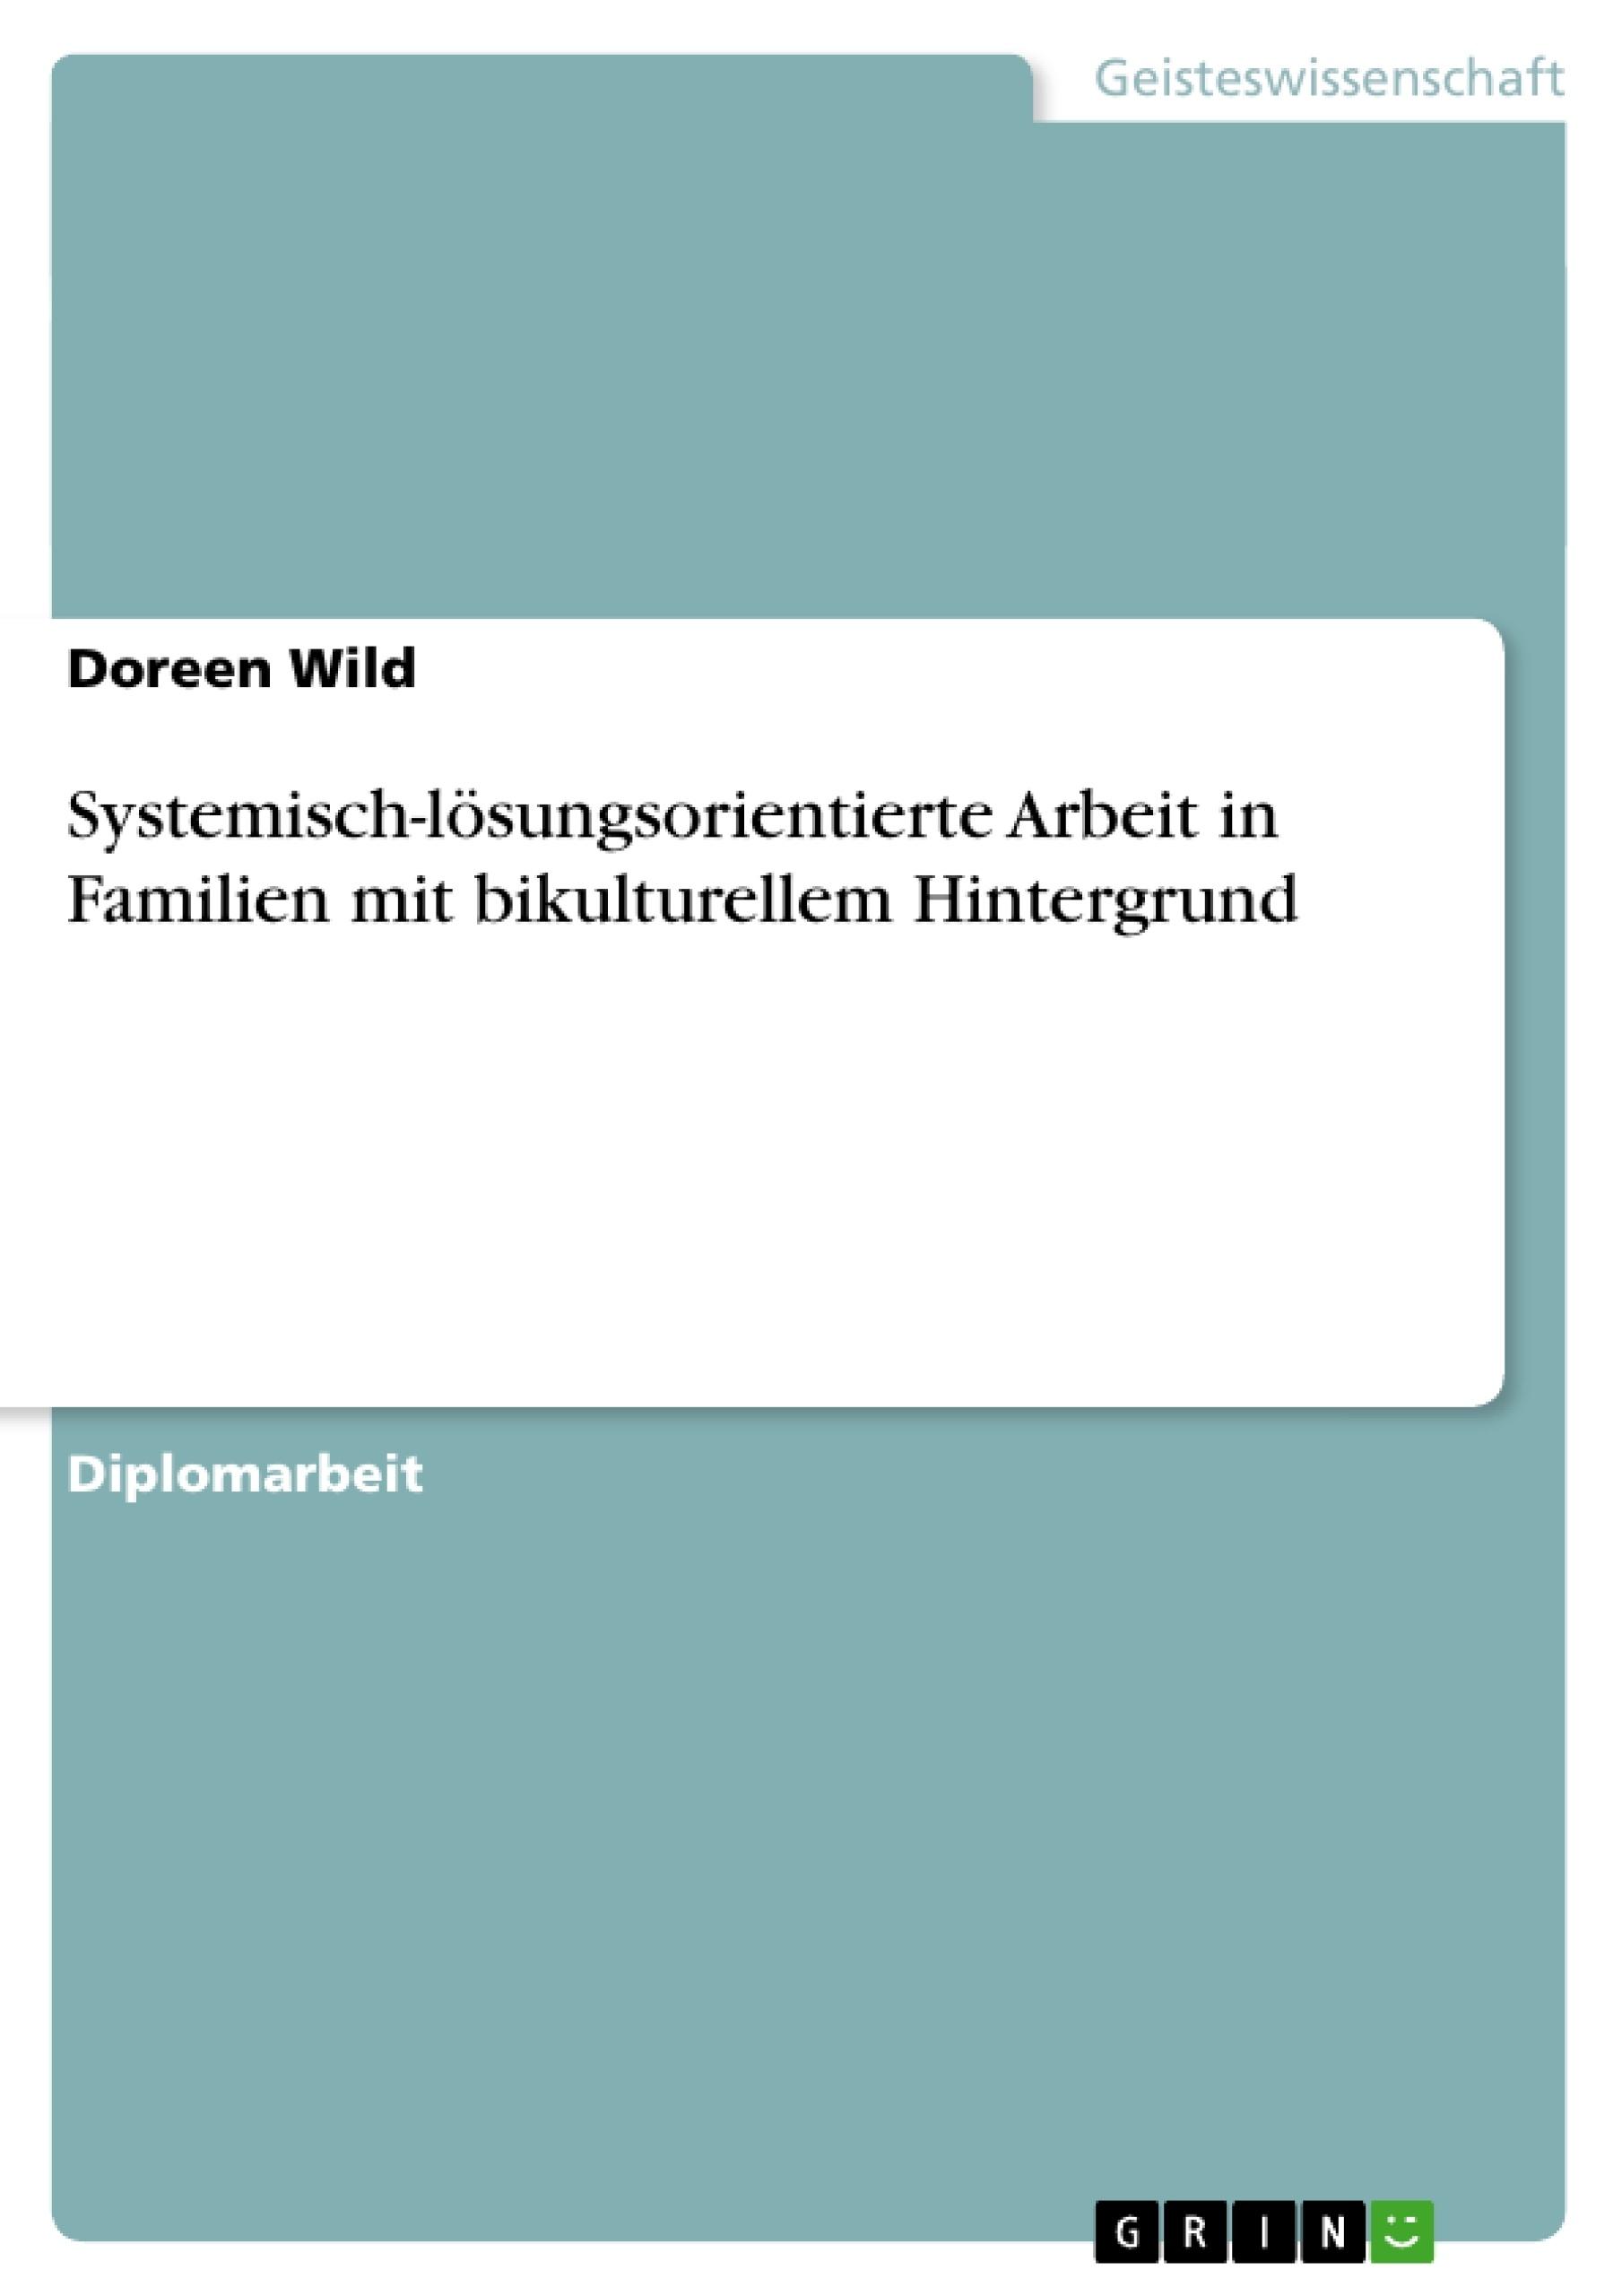 Titel: Systemisch-lösungsorientierte Arbeit in Familien mit bikulturellem Hintergrund